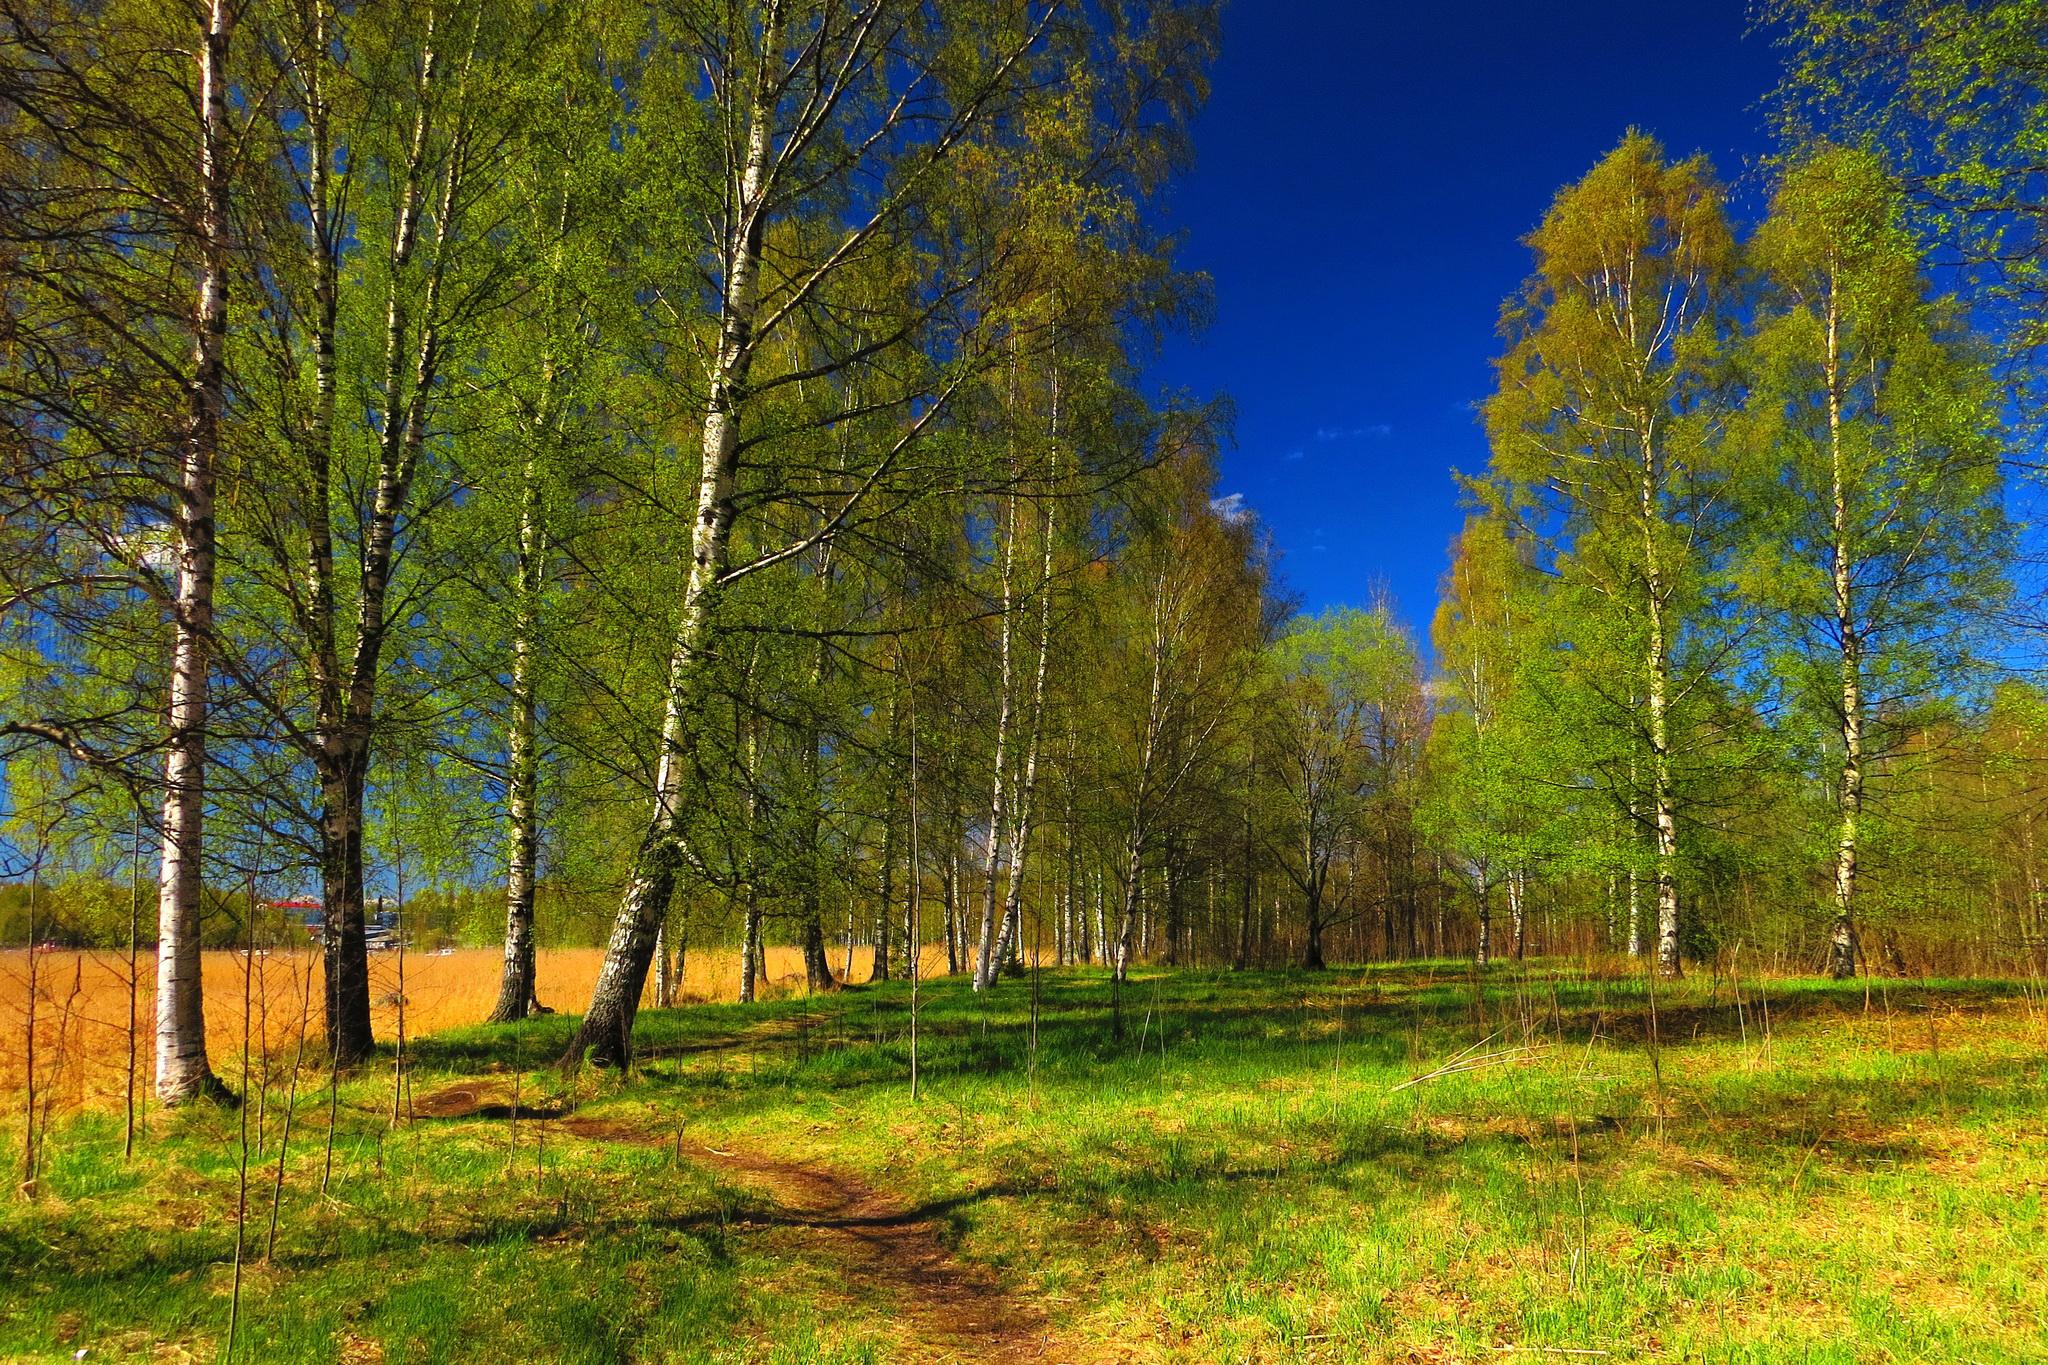 природа березы трава деревья закат nature birch grass trees sunset  № 1278535 загрузить